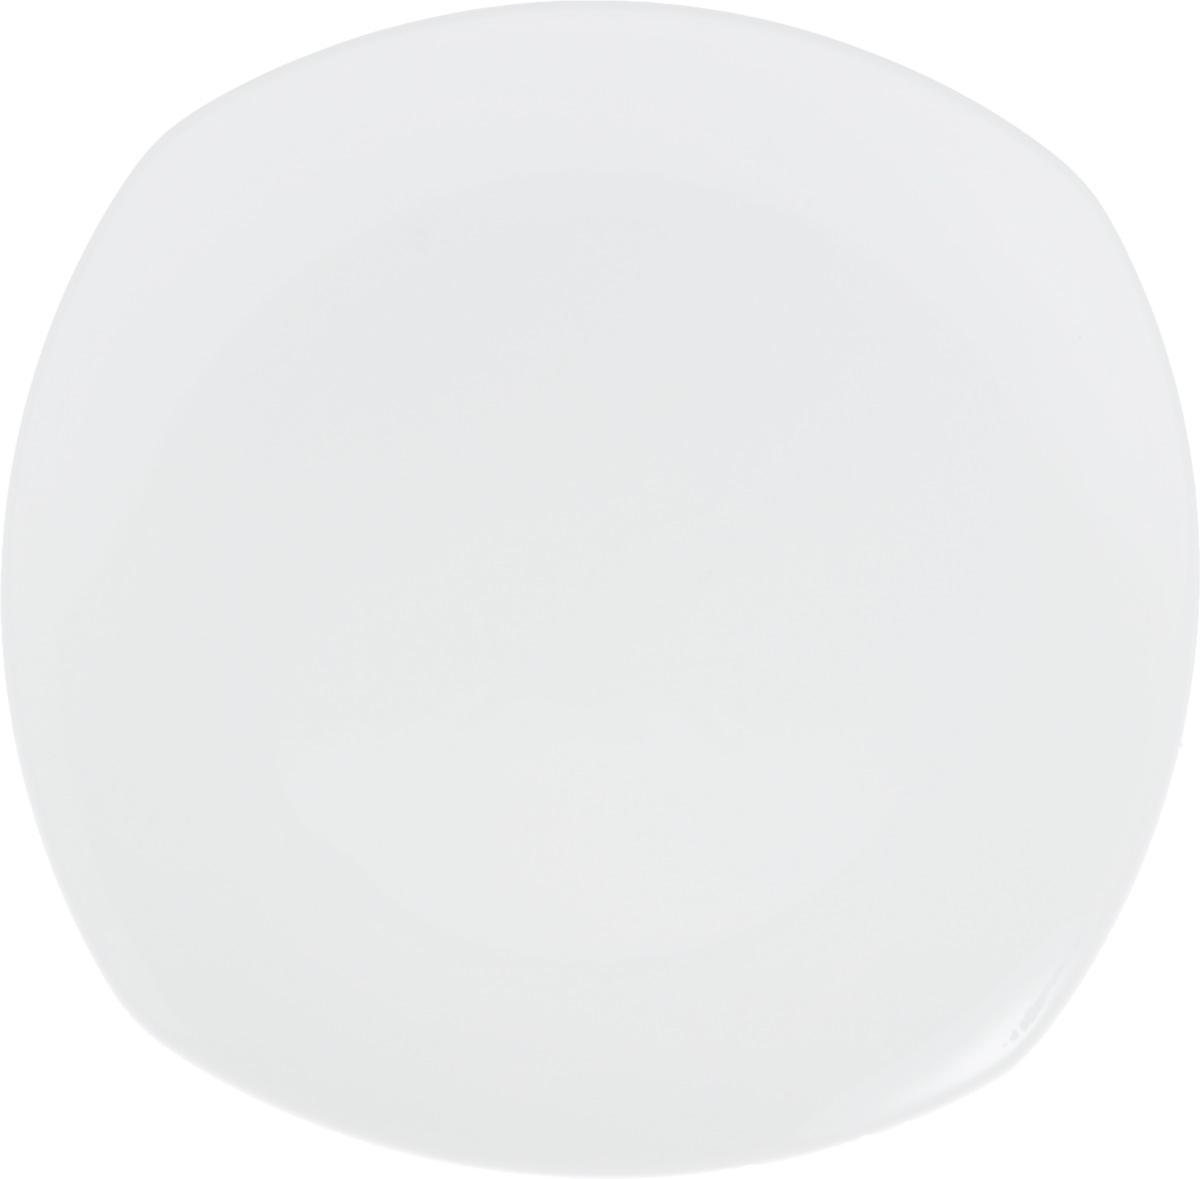 Блюдо Wilmax, 29,5 х 29,5 смWL-991003 / AОригинальное блюдо Wilmax, изготовленное из высококачественного фарфора, прекрасно подойдет для подачи нарезок, закусок и других блюд. Оно украсит ваш кухонный стол, а также станет замечательным подарком к любому празднику. Размер блюда (по верхнему краю): 29,5 х 29,5 см.